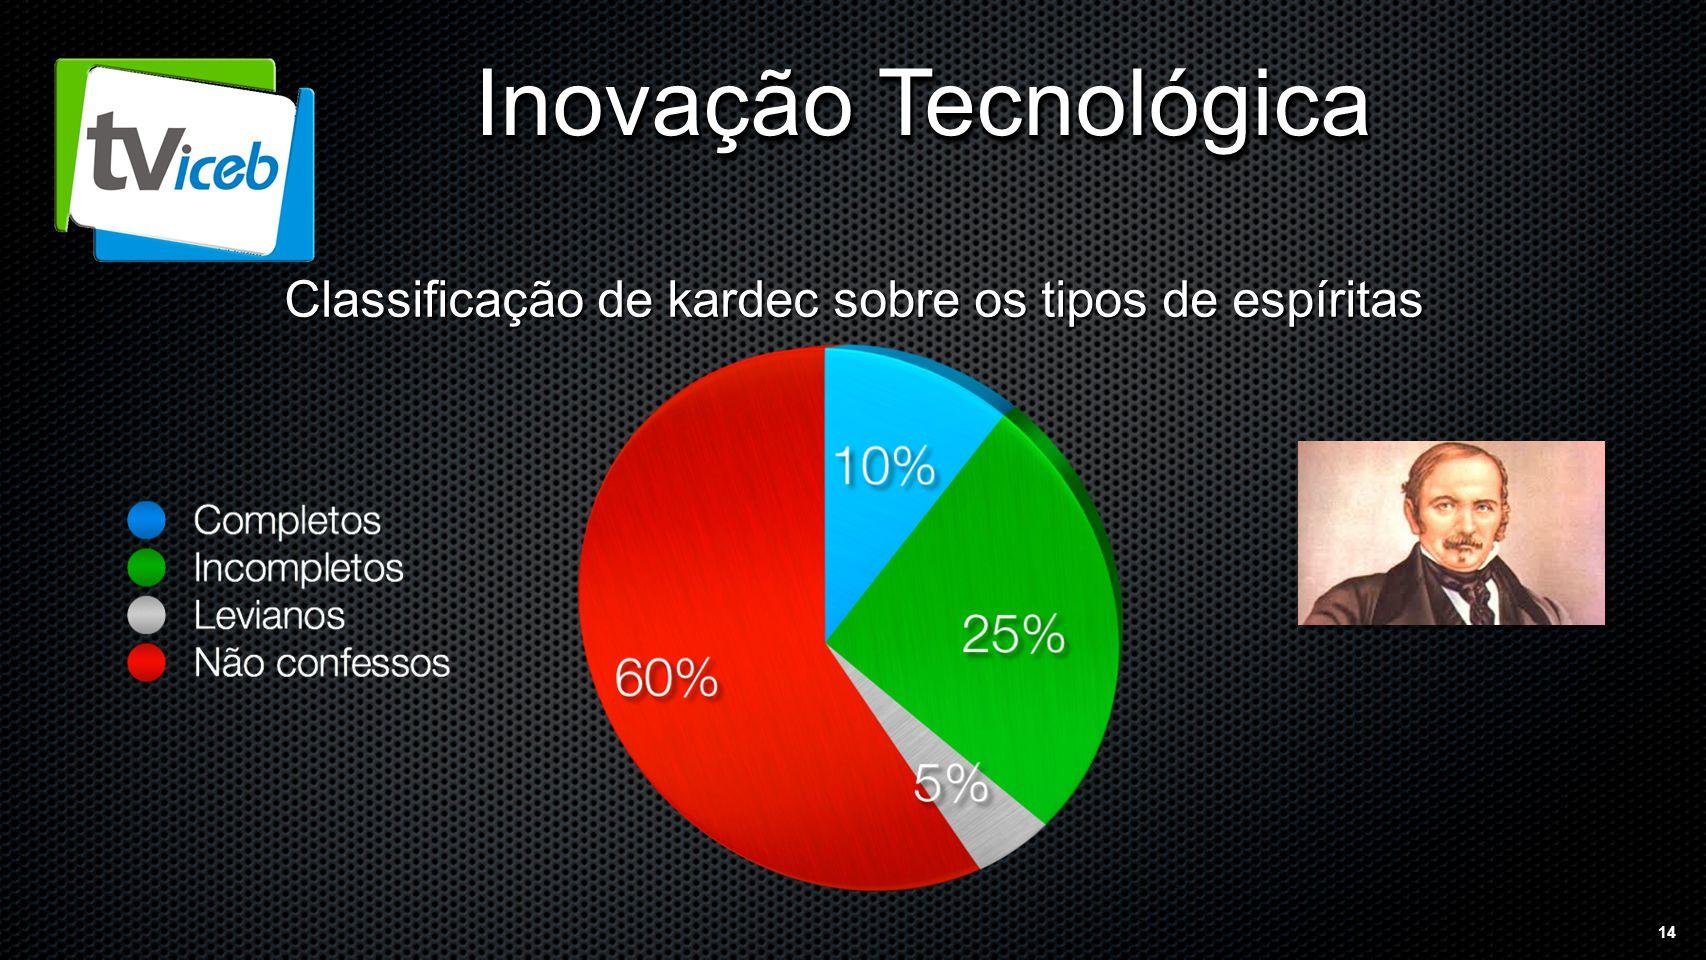 14 Inovação Tecnológica Classificação de kardec sobre os tipos de espíritas